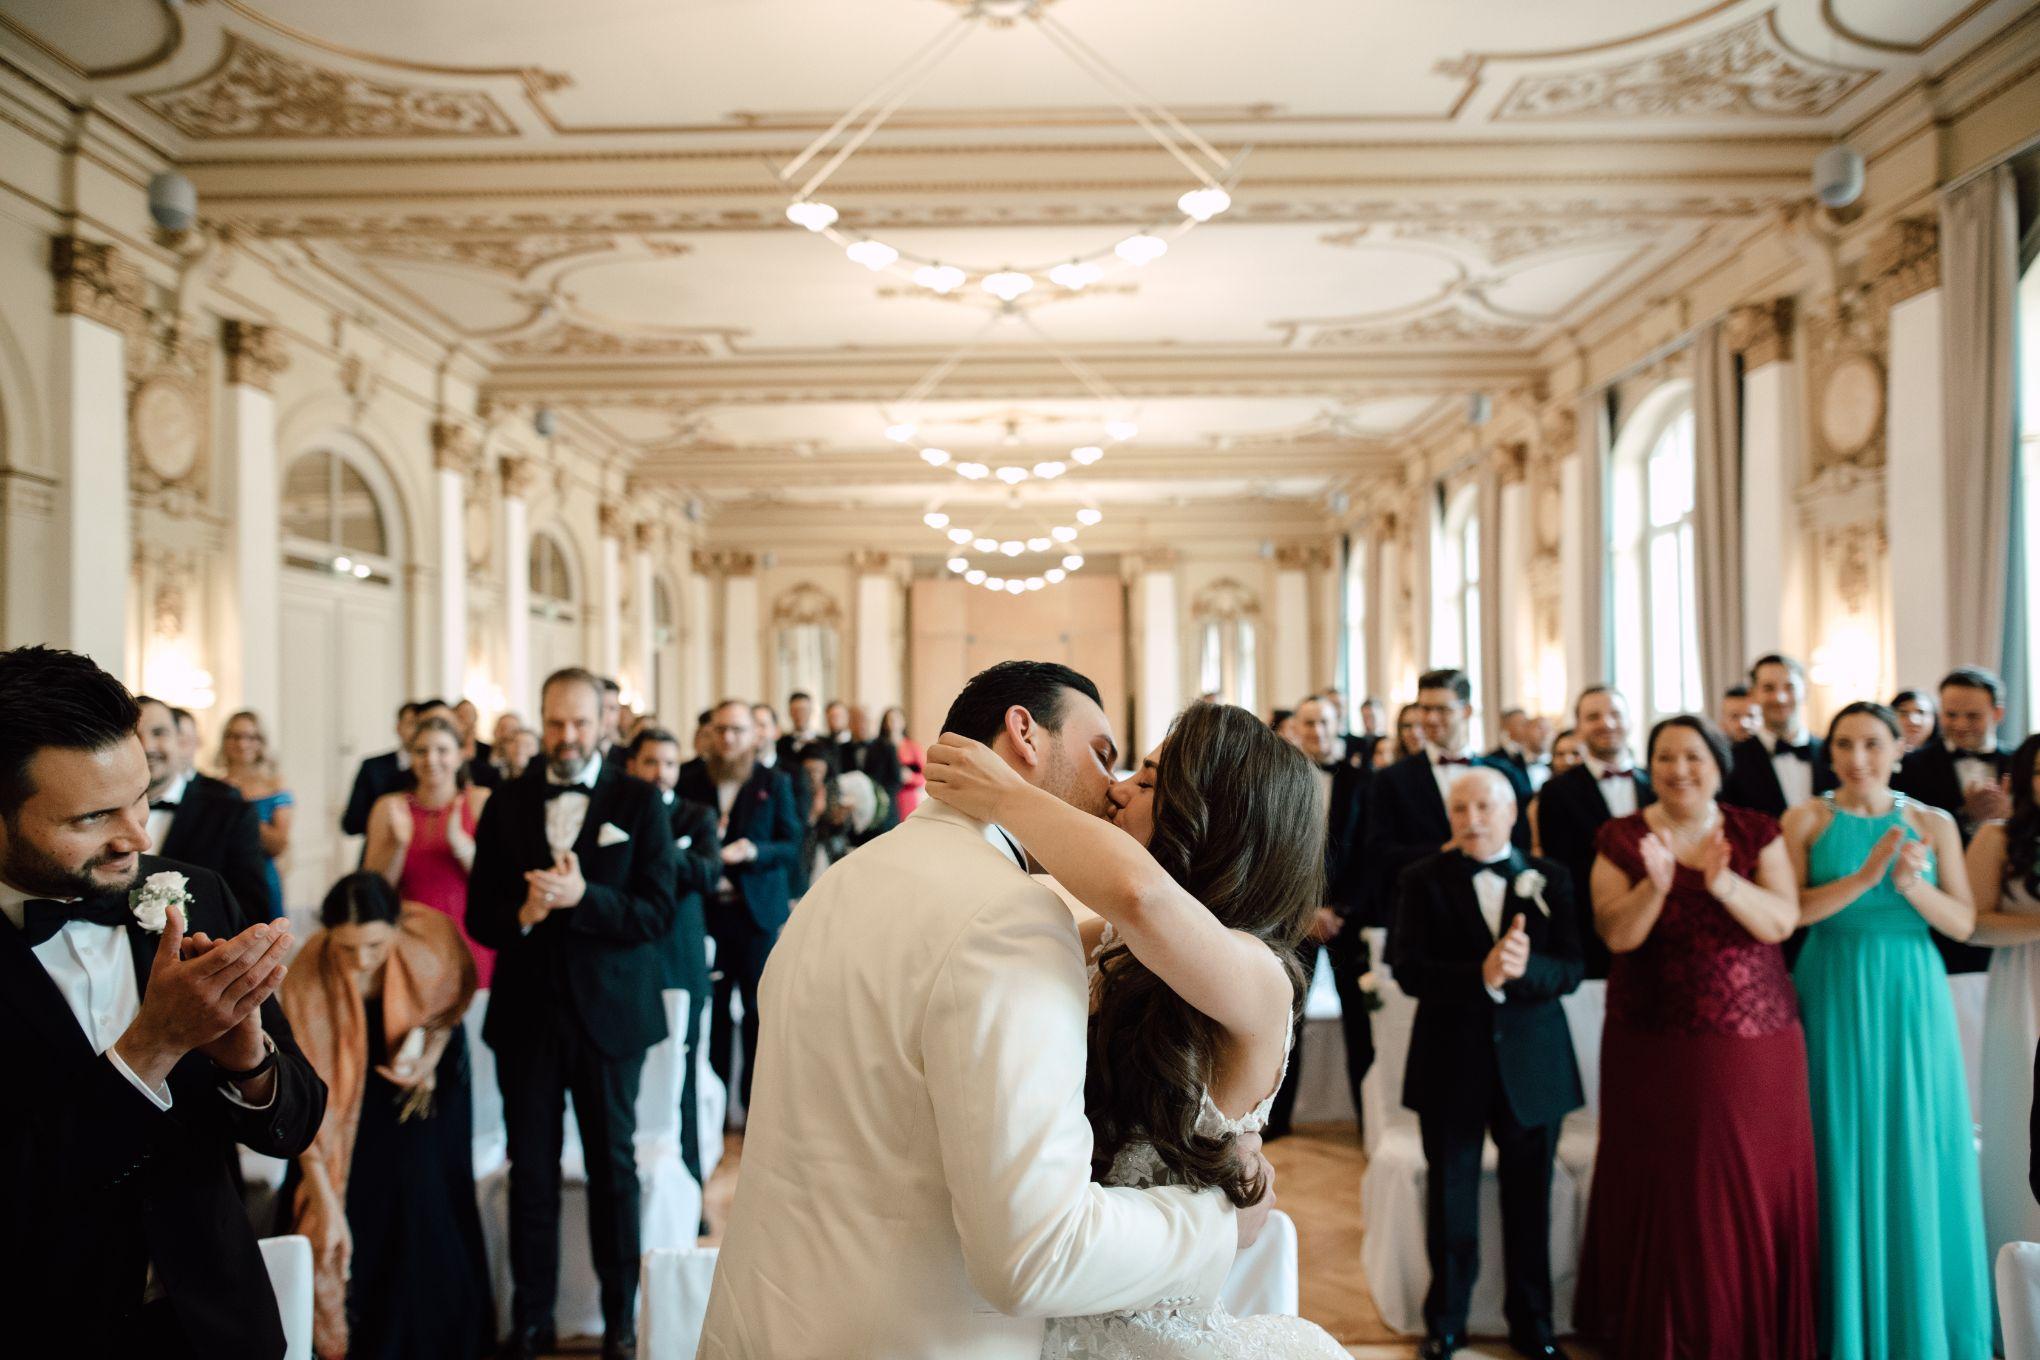 Hochzeit-Historische-Stadthalle-Wuppertal-The-Saums-KN-25.jpg